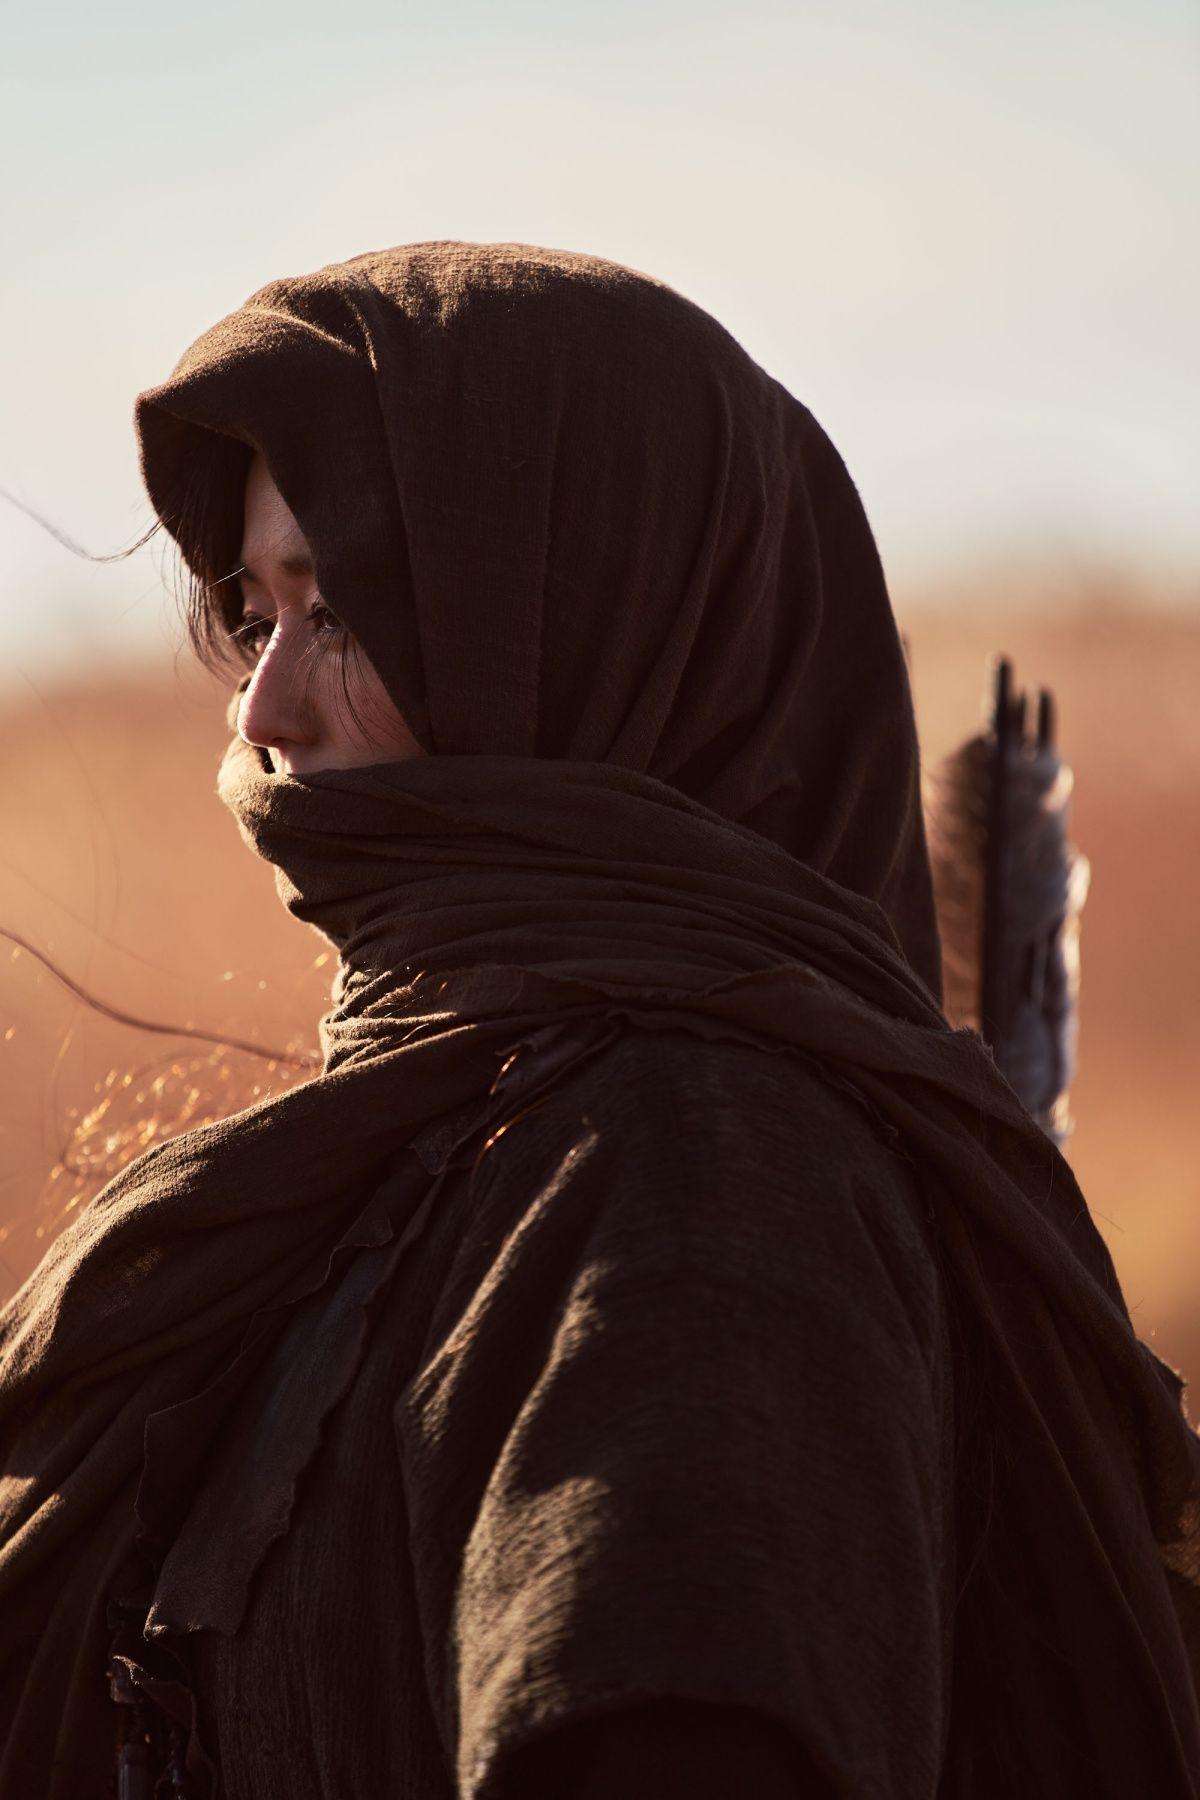 《屍戰朝鮮:雅信傳》,全智賢飾演女主角「雅信」。圖片來源/Netflix